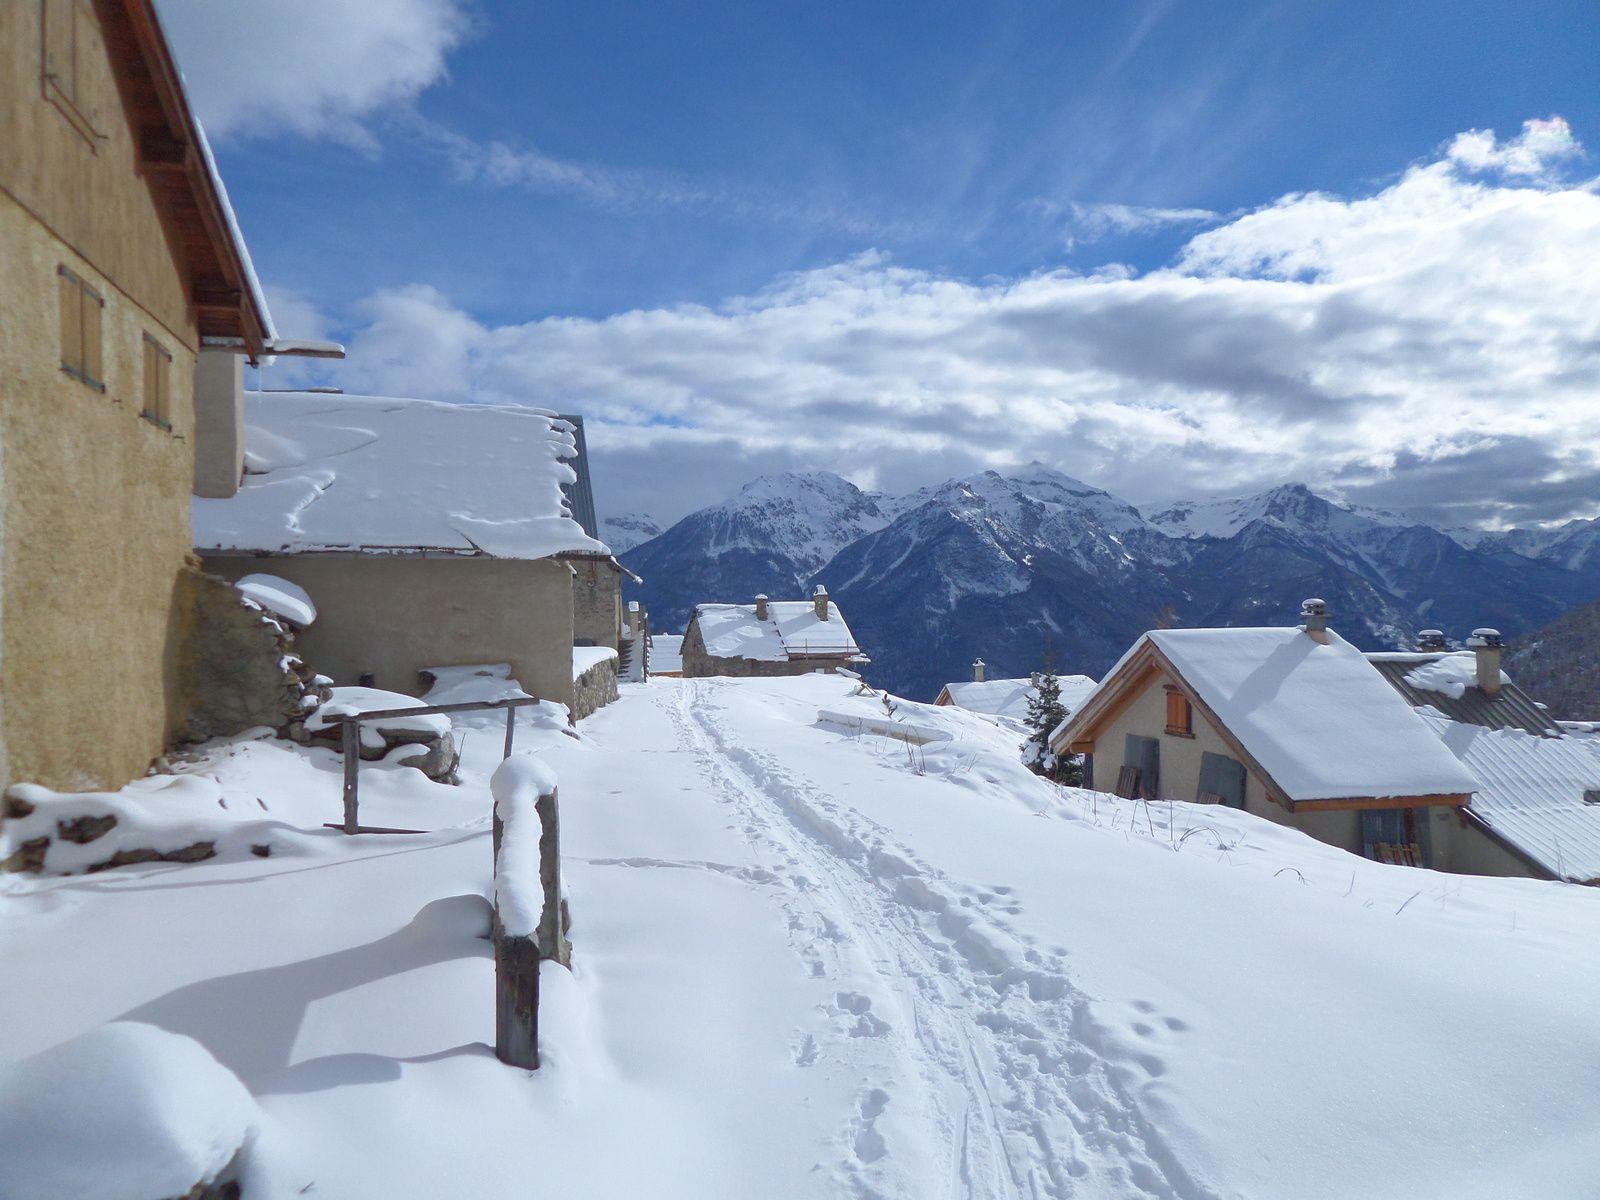 traversée du Hameau des Combes à la descente et retour à Puy Chalvin . Superbe randonnée nordique au soleil !!